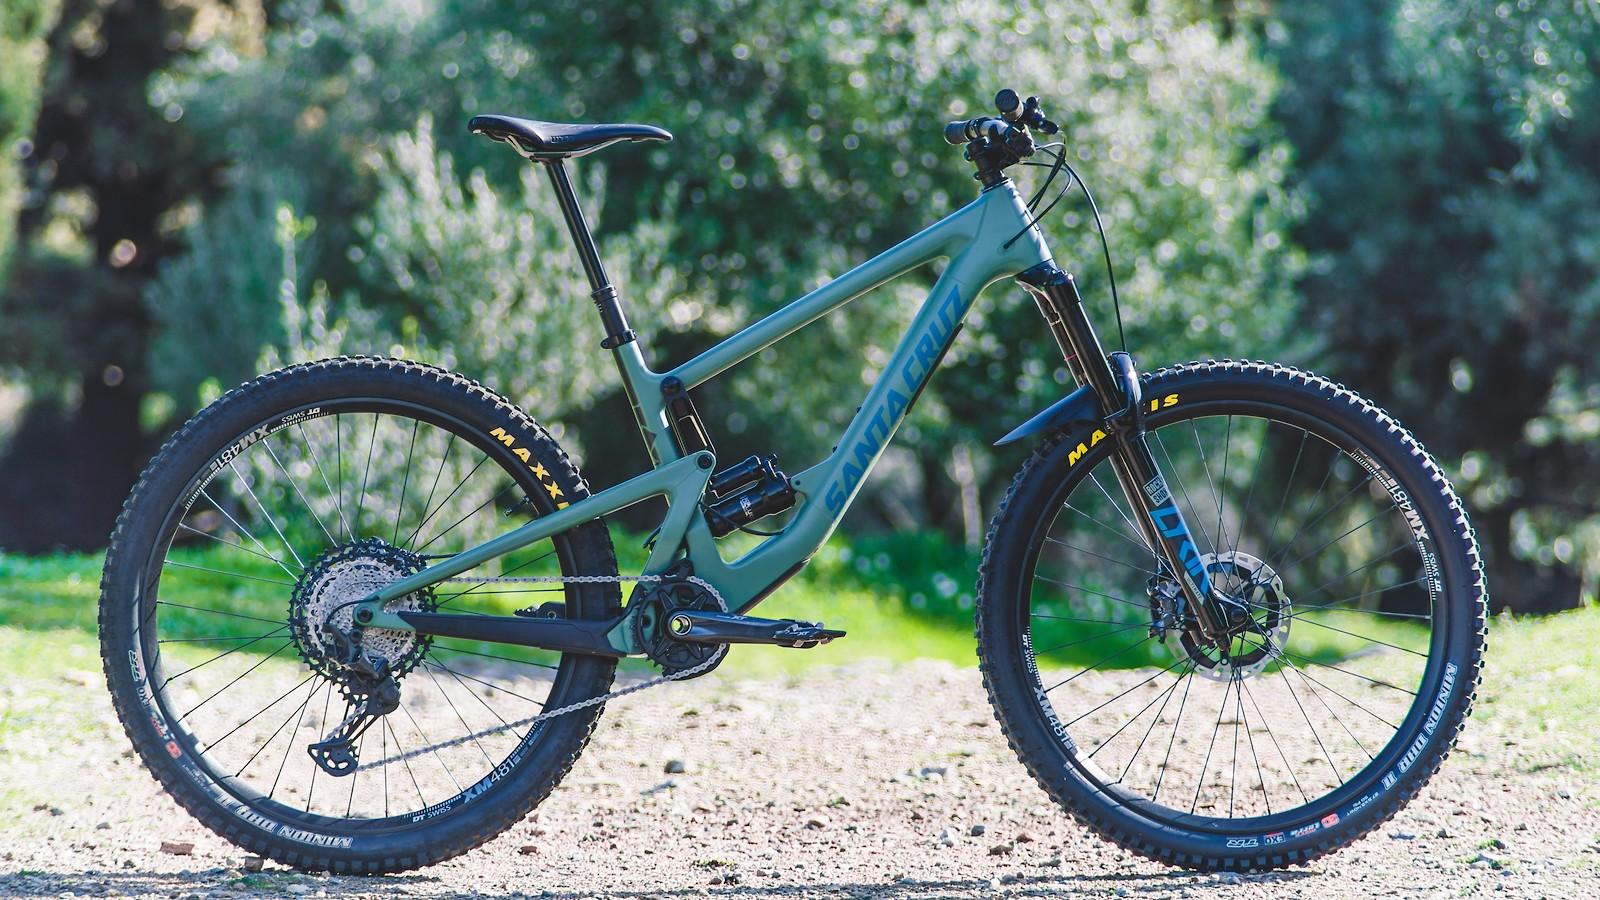 2020 Santa Cruz Bronson CC